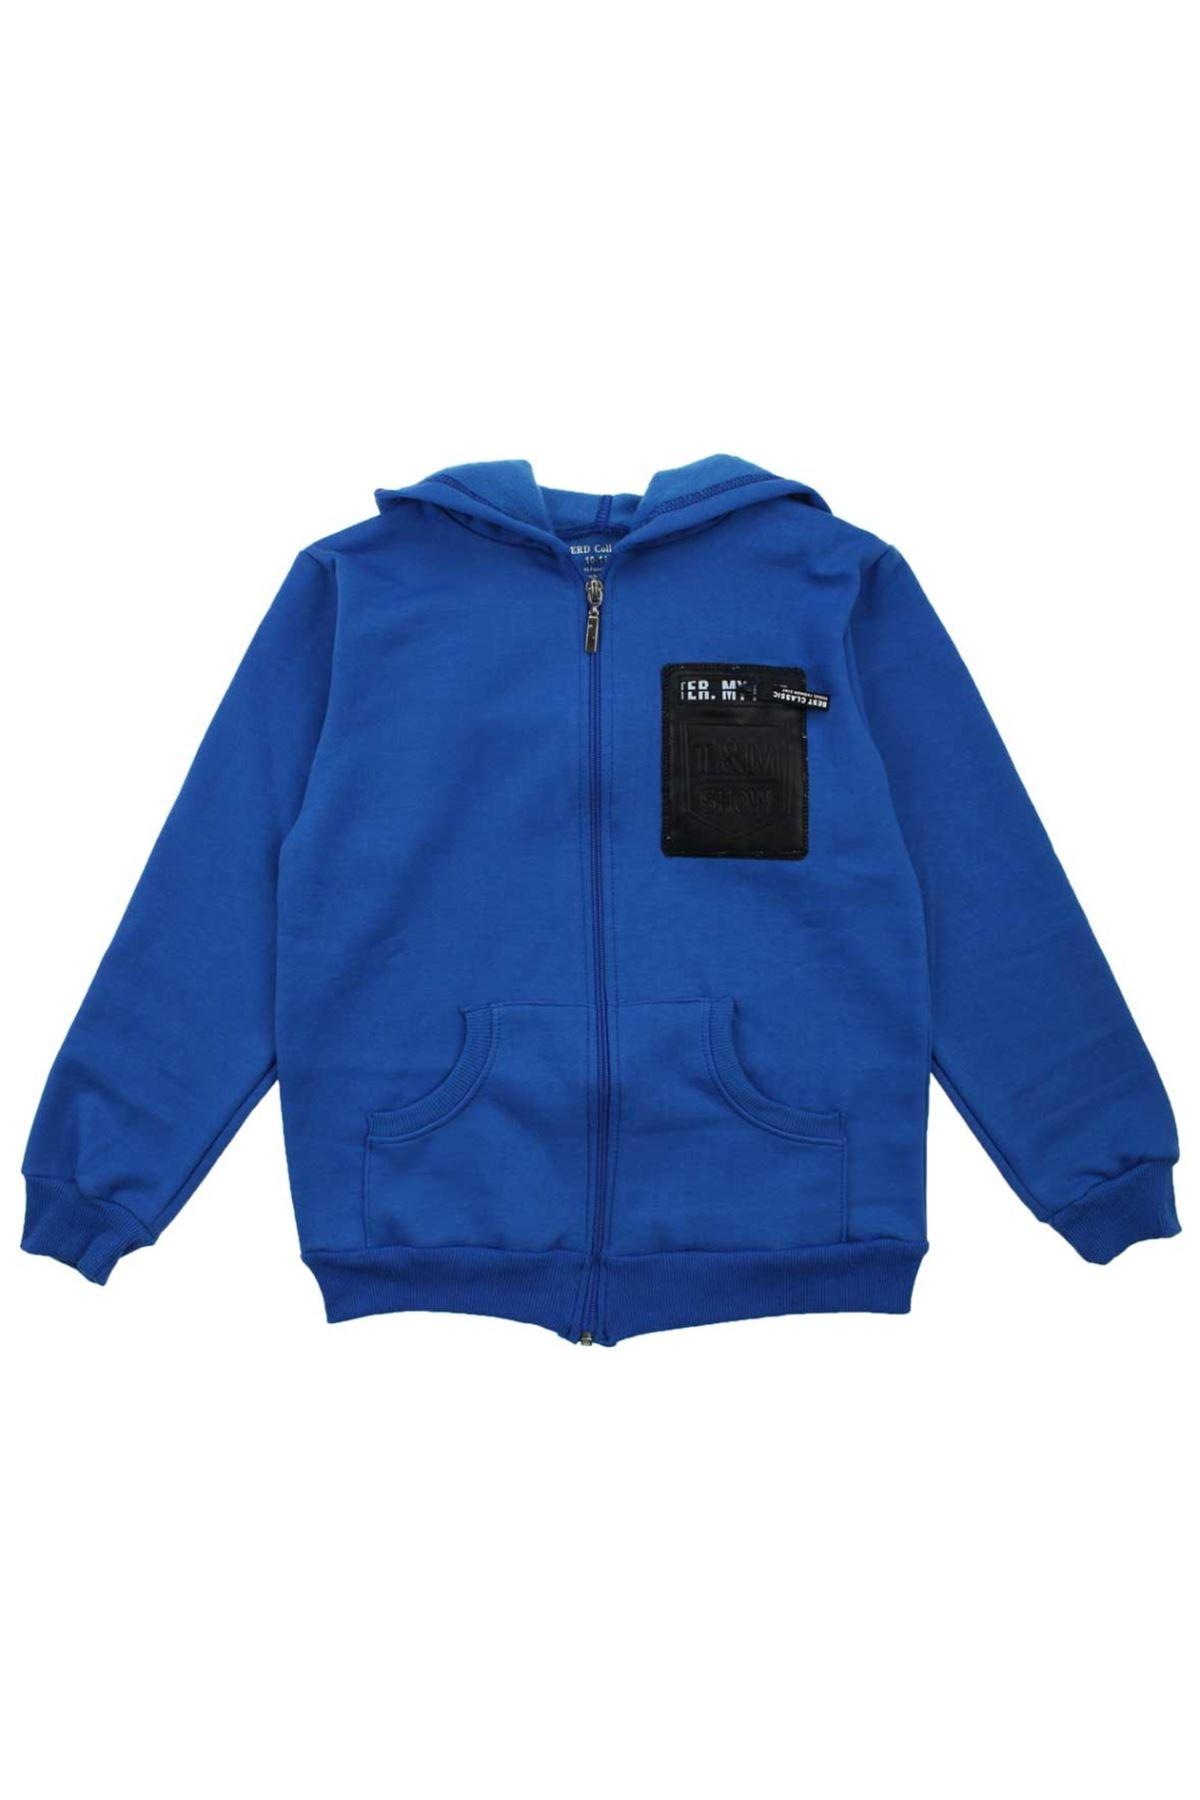 Mavi Erkek Çocuk Kapşonlu Kışlık Sweat